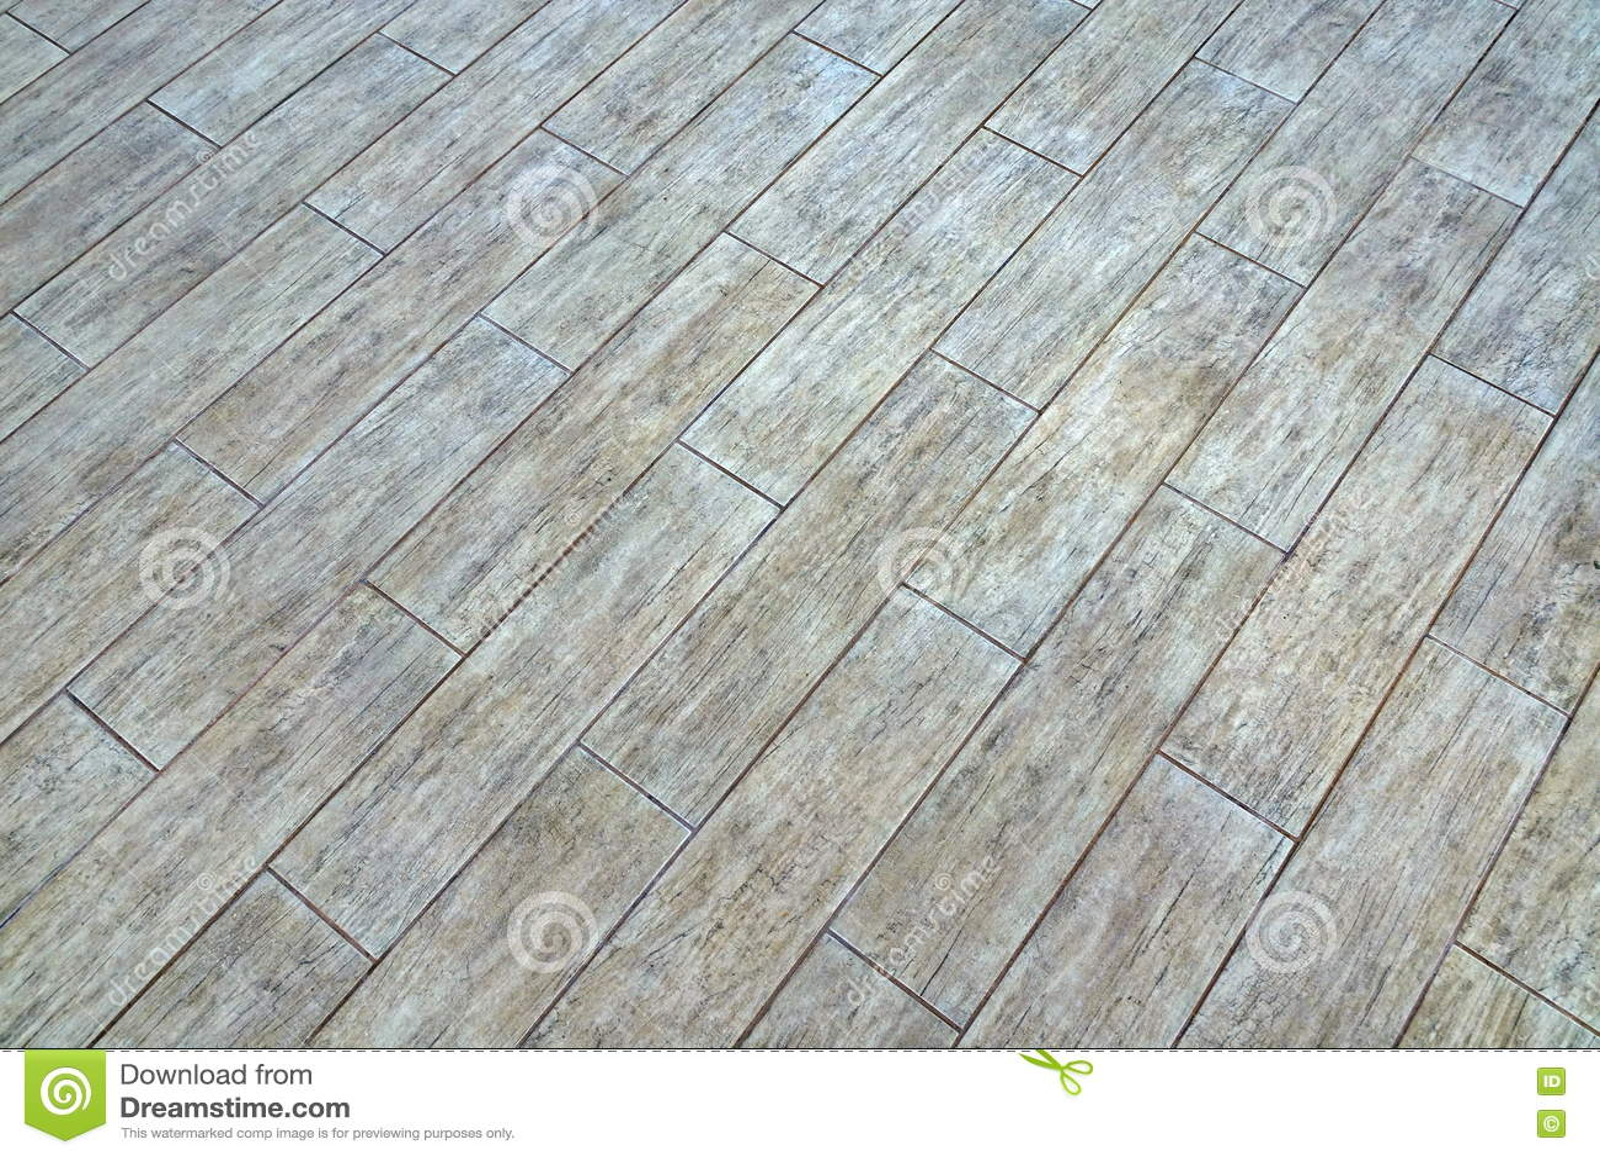 Piastrelle per pavimento ceramiche del parquet con ash wood